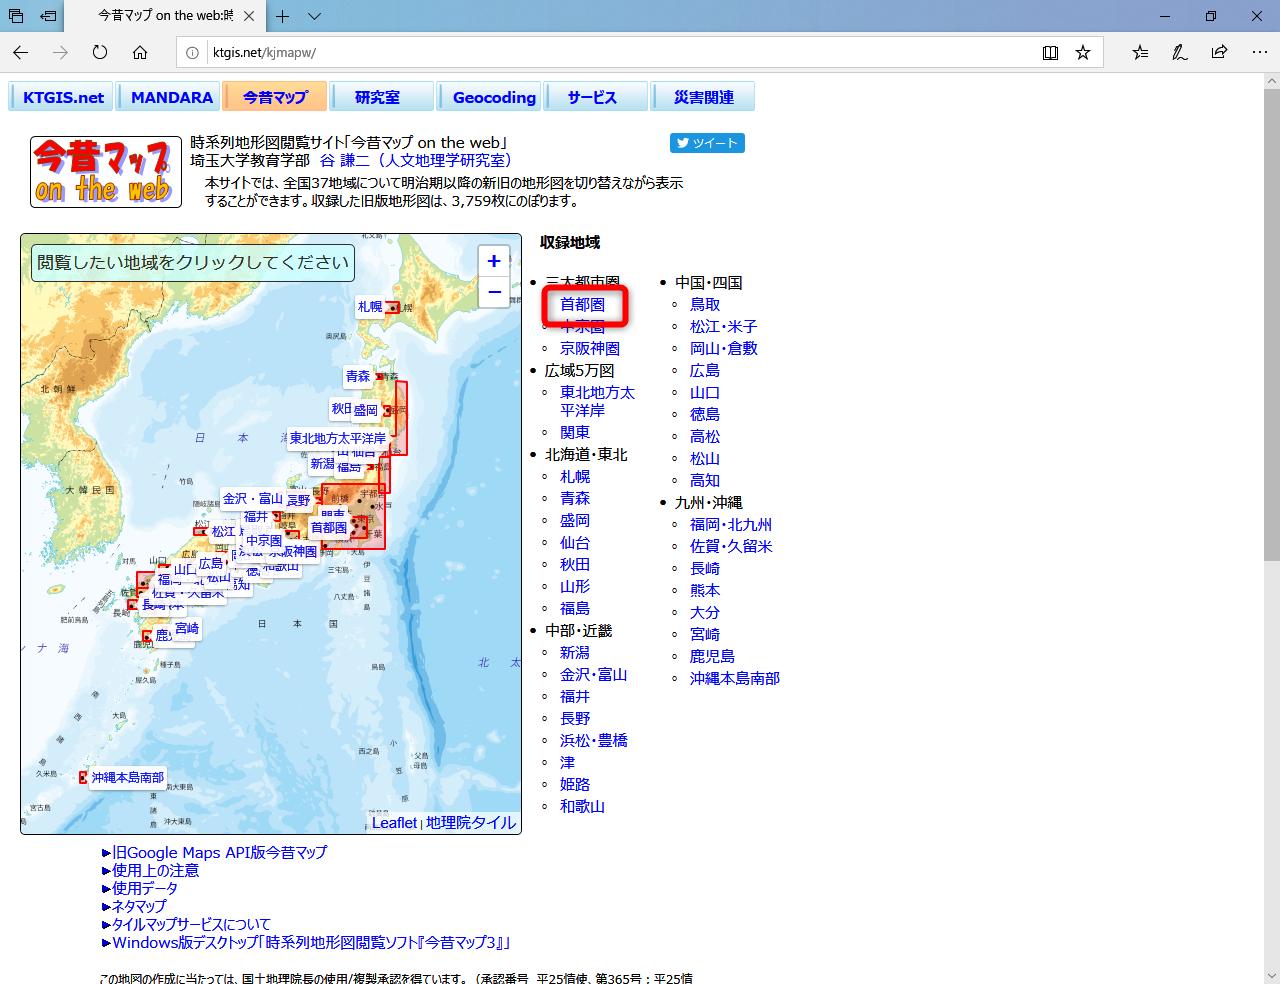 この土地には何があった? 古地図と現在の地図を比較できる「今昔マップ on the web」【水害・地震への備えに】